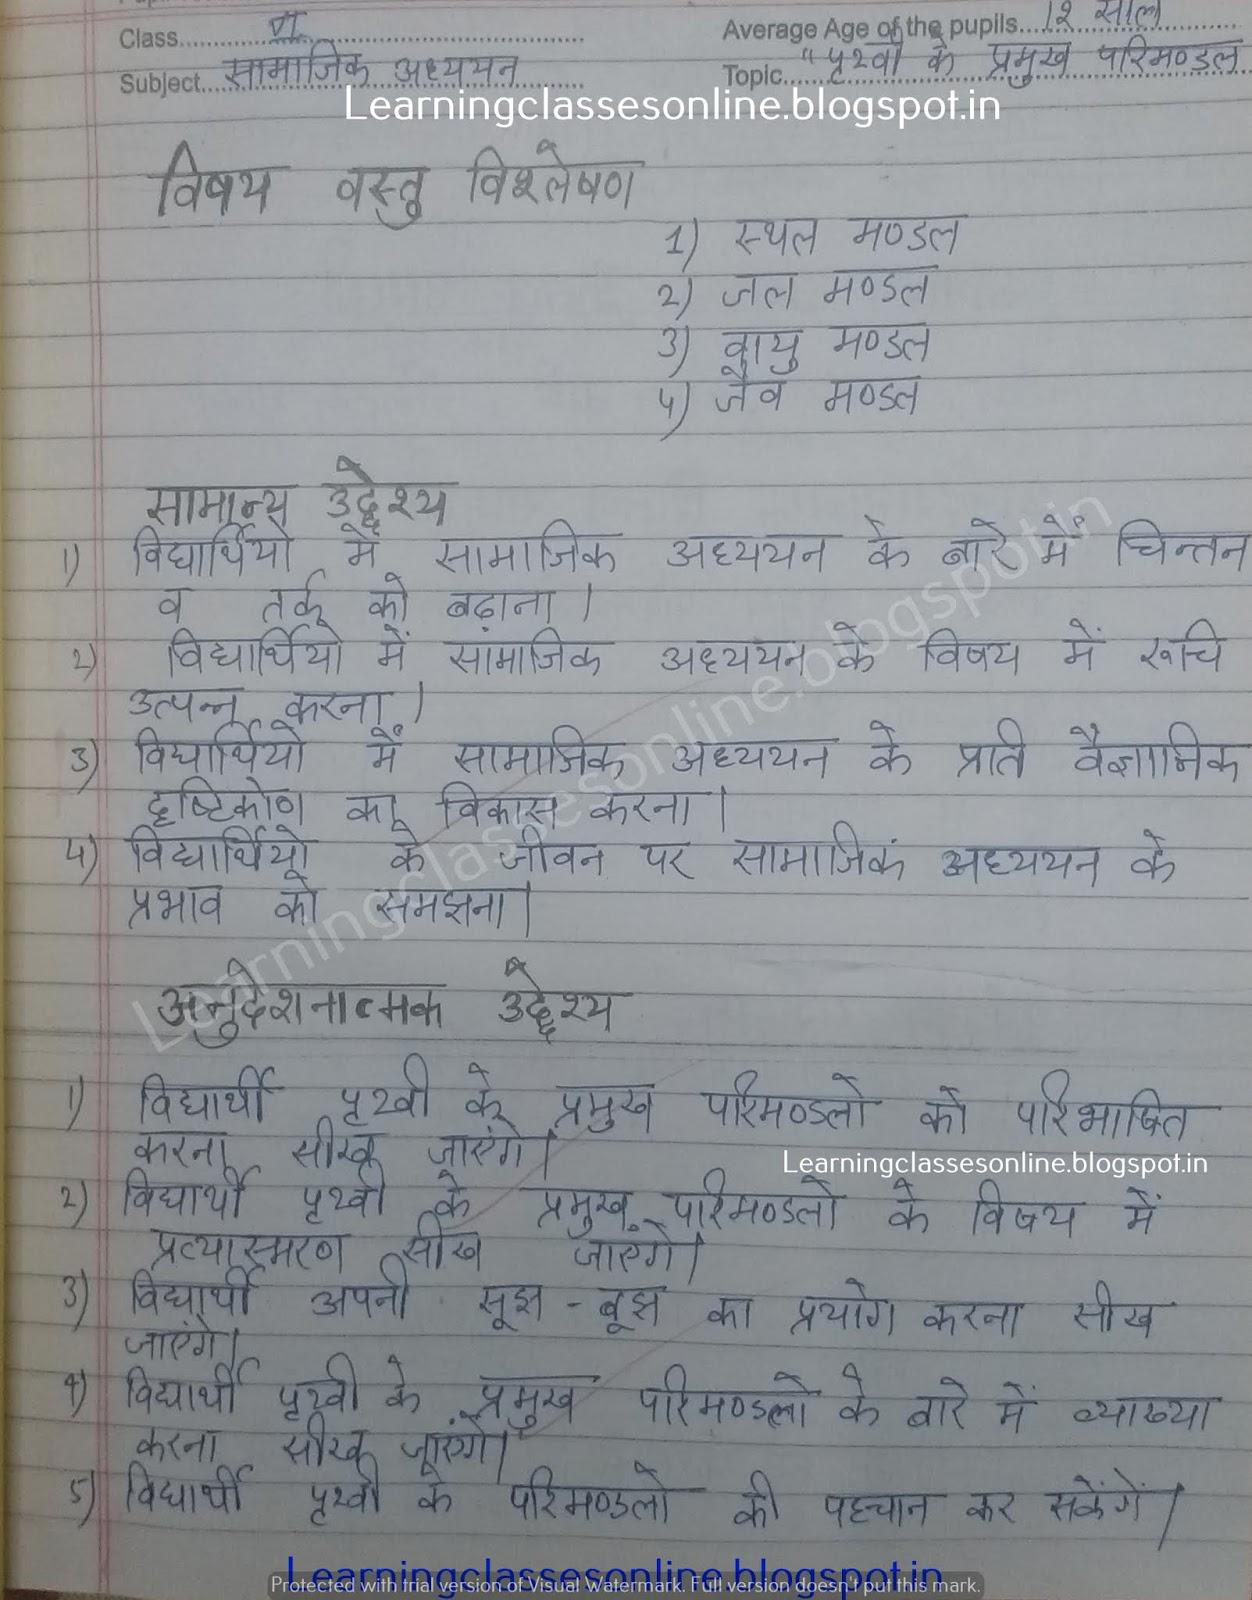 सामाजिक अध्ययन  / सामाजिक विज्ञान पाठ योजना हिंदी में